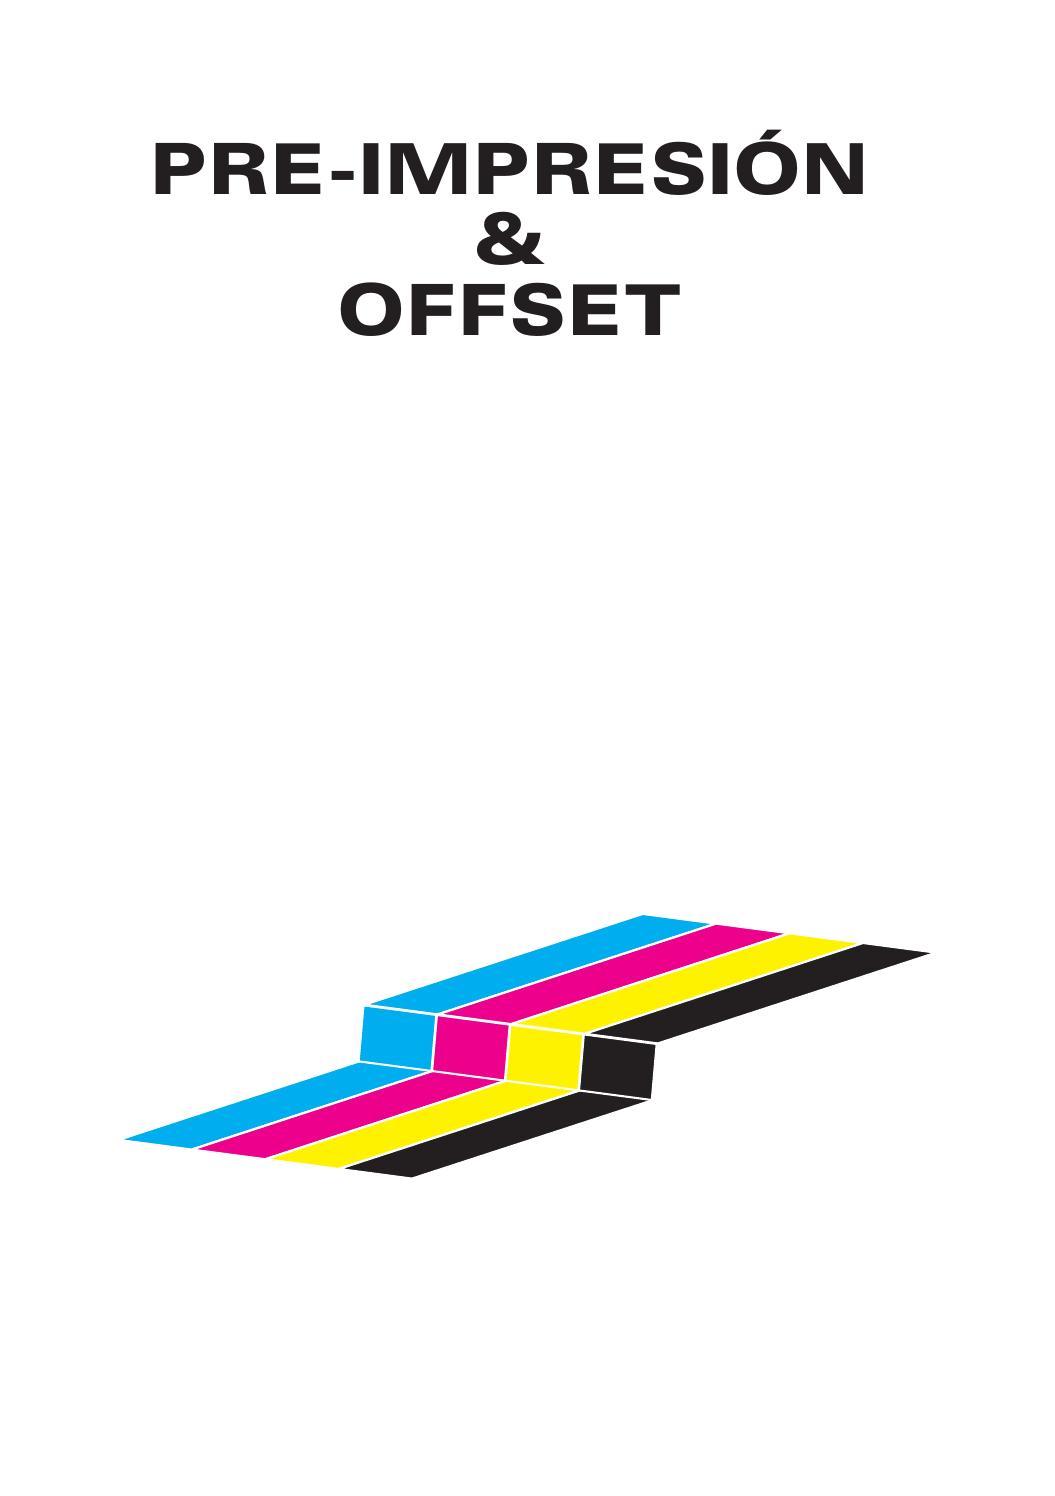 Manual de PRE-IMPRESIÓN & Offset by Federico Biagioli Gómez - issuu